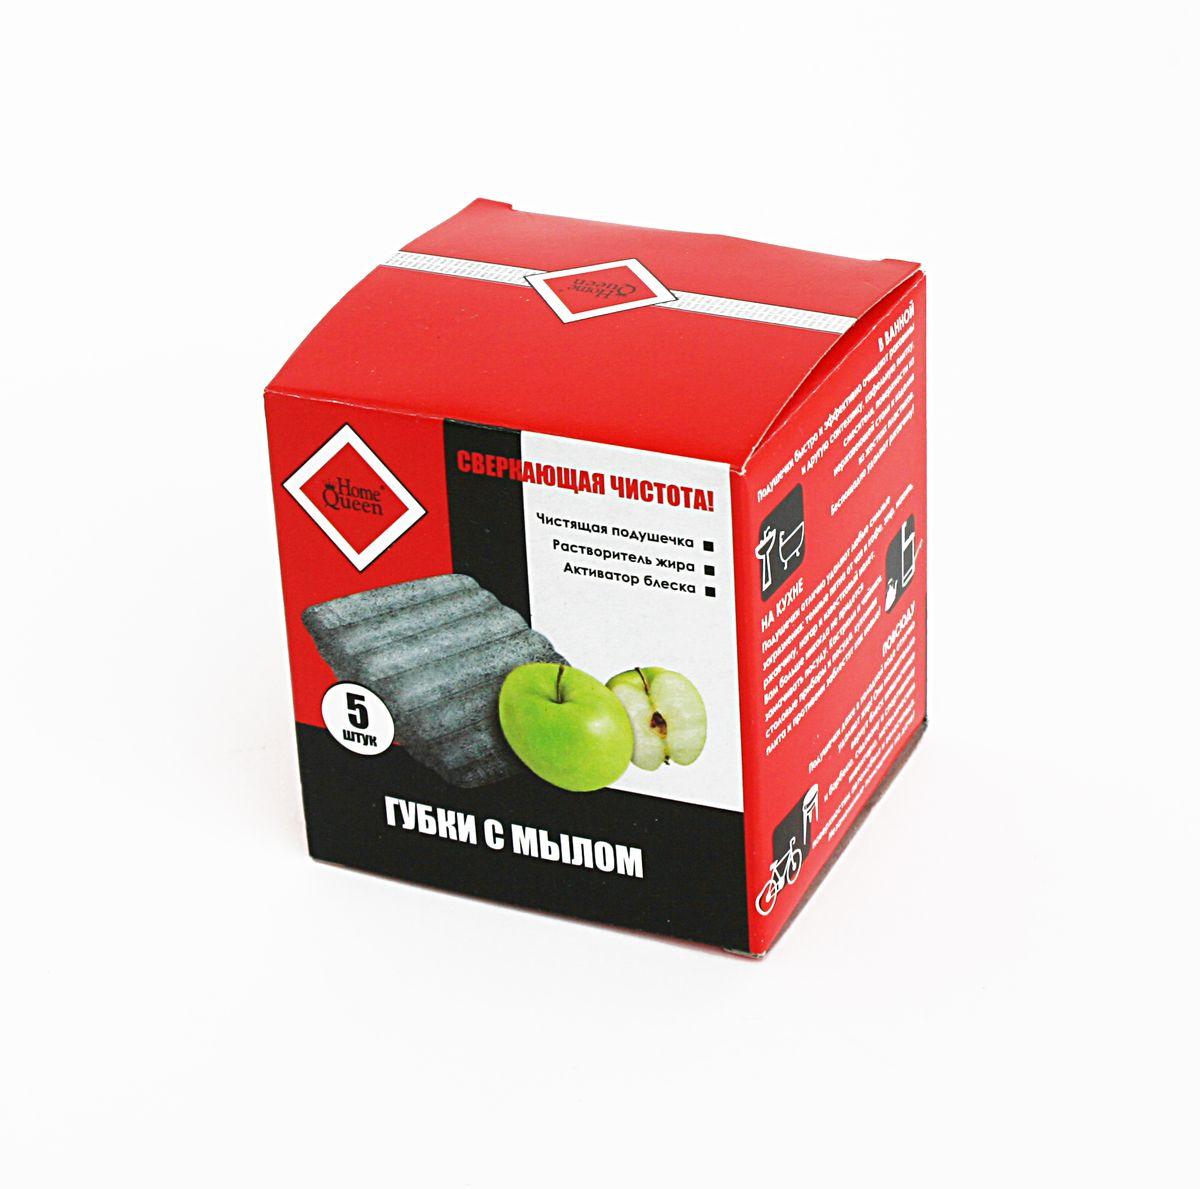 Губки с мылом Home Queen, ароматические, 5 штK100Губки с мылом Home Queen изготовлены из тончайшего стального волокна, пропитанного мыльным составом. Оптимальное сочетание чистящих и моющих компонентов позволяет моментально удалять ржавчину, жир, темный налет, накипь, нагар и другие сильные загрязнения. Мыло содержит тензиды, растворяющие жир, и пальмовое масло, которое заботится о ваших руках. Экологически чистый продукт. Его чистящие и моющие компоненты разлагаются биологическим путем. Не содержит фосфатов. Подушечки быстро и эффективно очищают раковины и другую сантехнику, кафельную плитку, смесители, поверхности из нержавеющей стали и изделия из жестких пластиков. Подушечки даже в холодной воде отлично удаляют жир. Они моментально вернут блеск шашлычнице и барбекю, садовому инвентарю, металлическим поверхностям автомобиля и велосипеда. Незаменимые помощники на даче. Состав: ультратонкое стальное волокно, мыло, пальмовое масло, ароматические вещества.Комплектация: 5 шт.Уважаемые клиенты! Обращаем ваше внимание на ассортимент продукции. Поставка осуществляется в зависимости от наличия на складе.BR>Уважаемые клиенты! Обращаем ваше внимание на возможные изменения в дизайне упаковки. Качественные характеристики товара остаются неизменными. Поставка осуществляется в зависимости от наличия на складе.